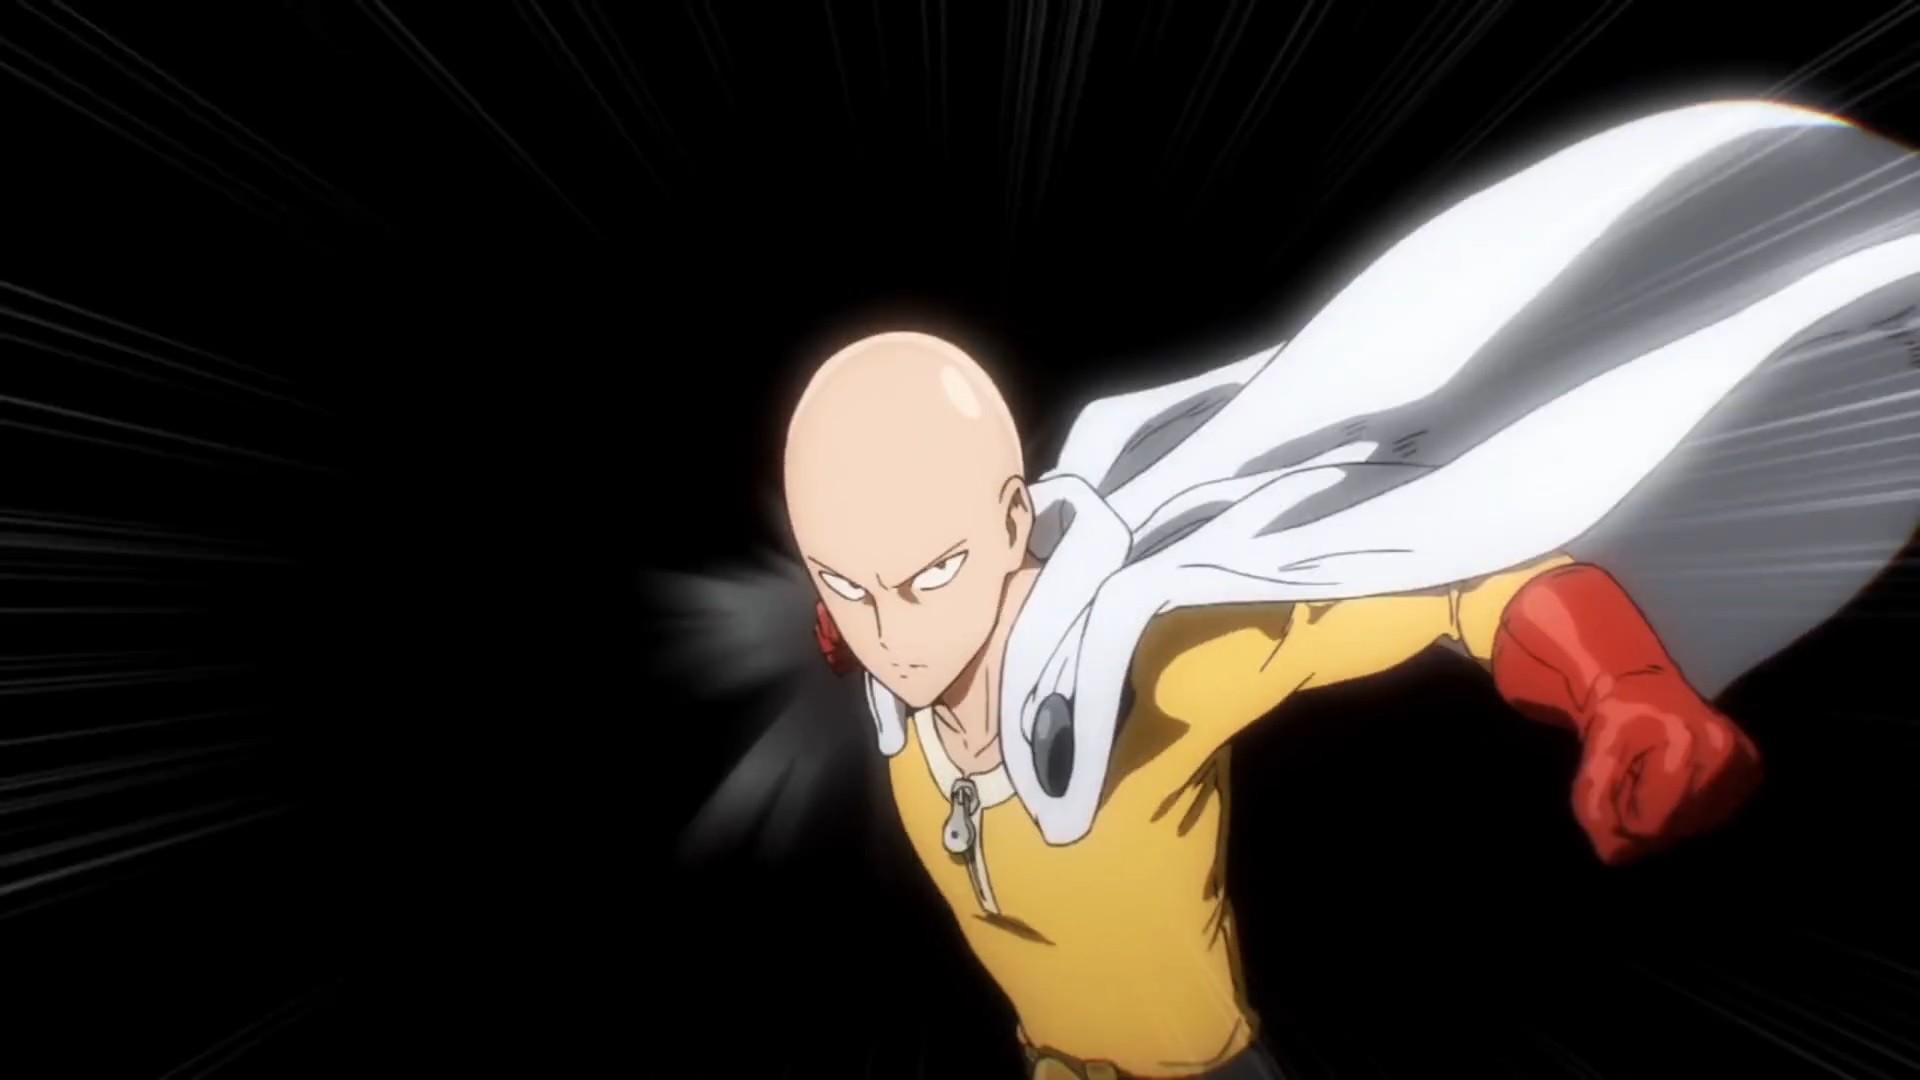 Fondos de pantalla animados anime